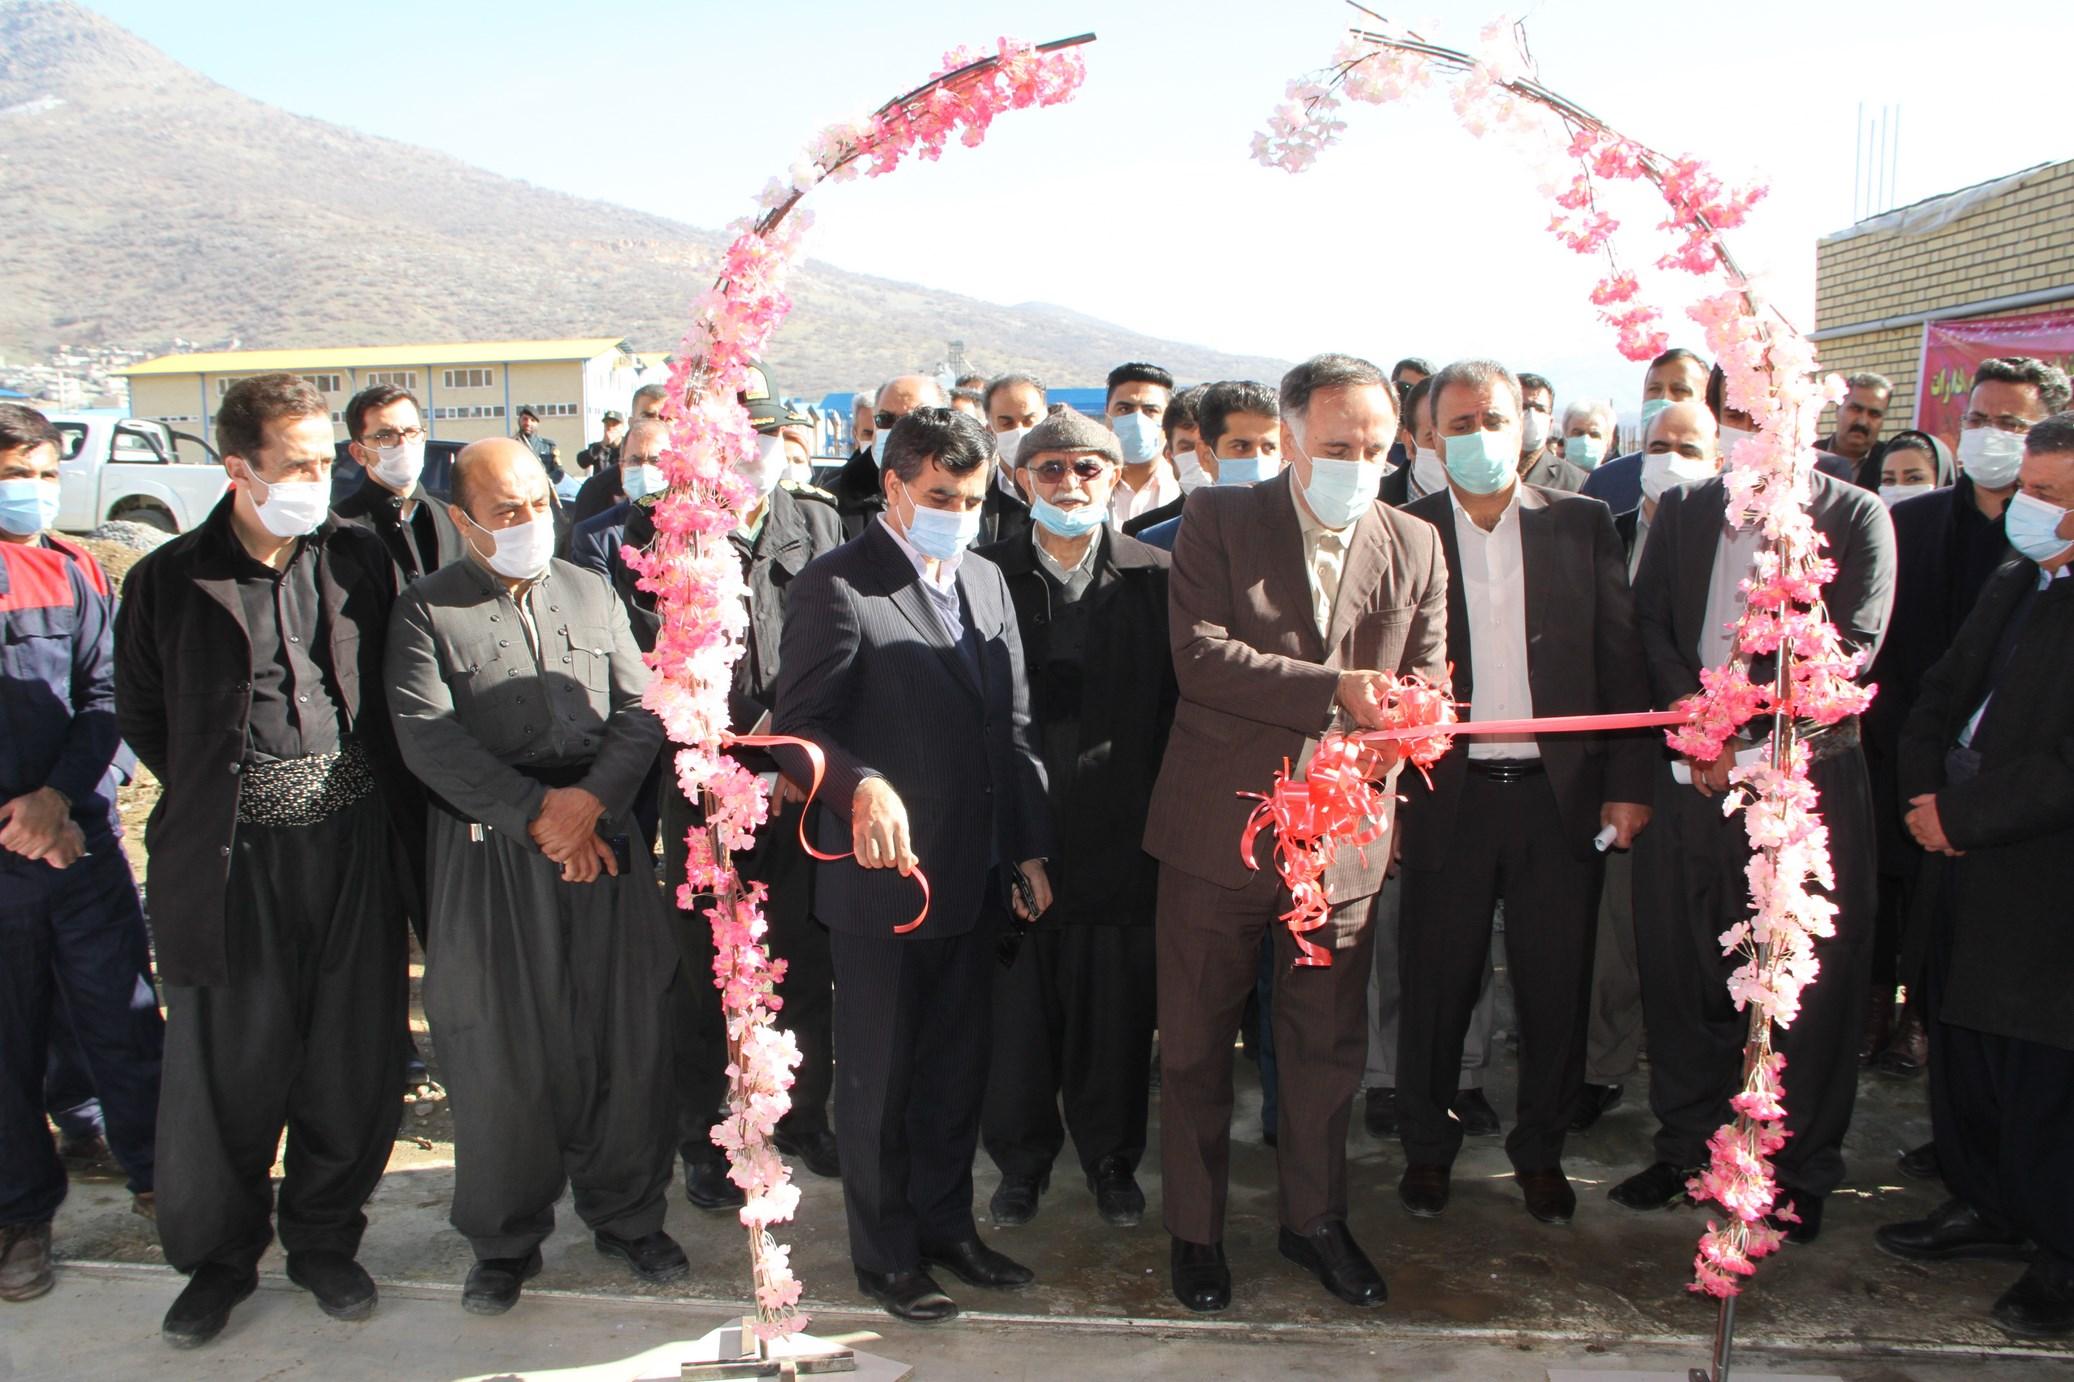 افتتاح واحدهای تولیدی شهرستان بانه به مناسبت دهه مبارک فجر